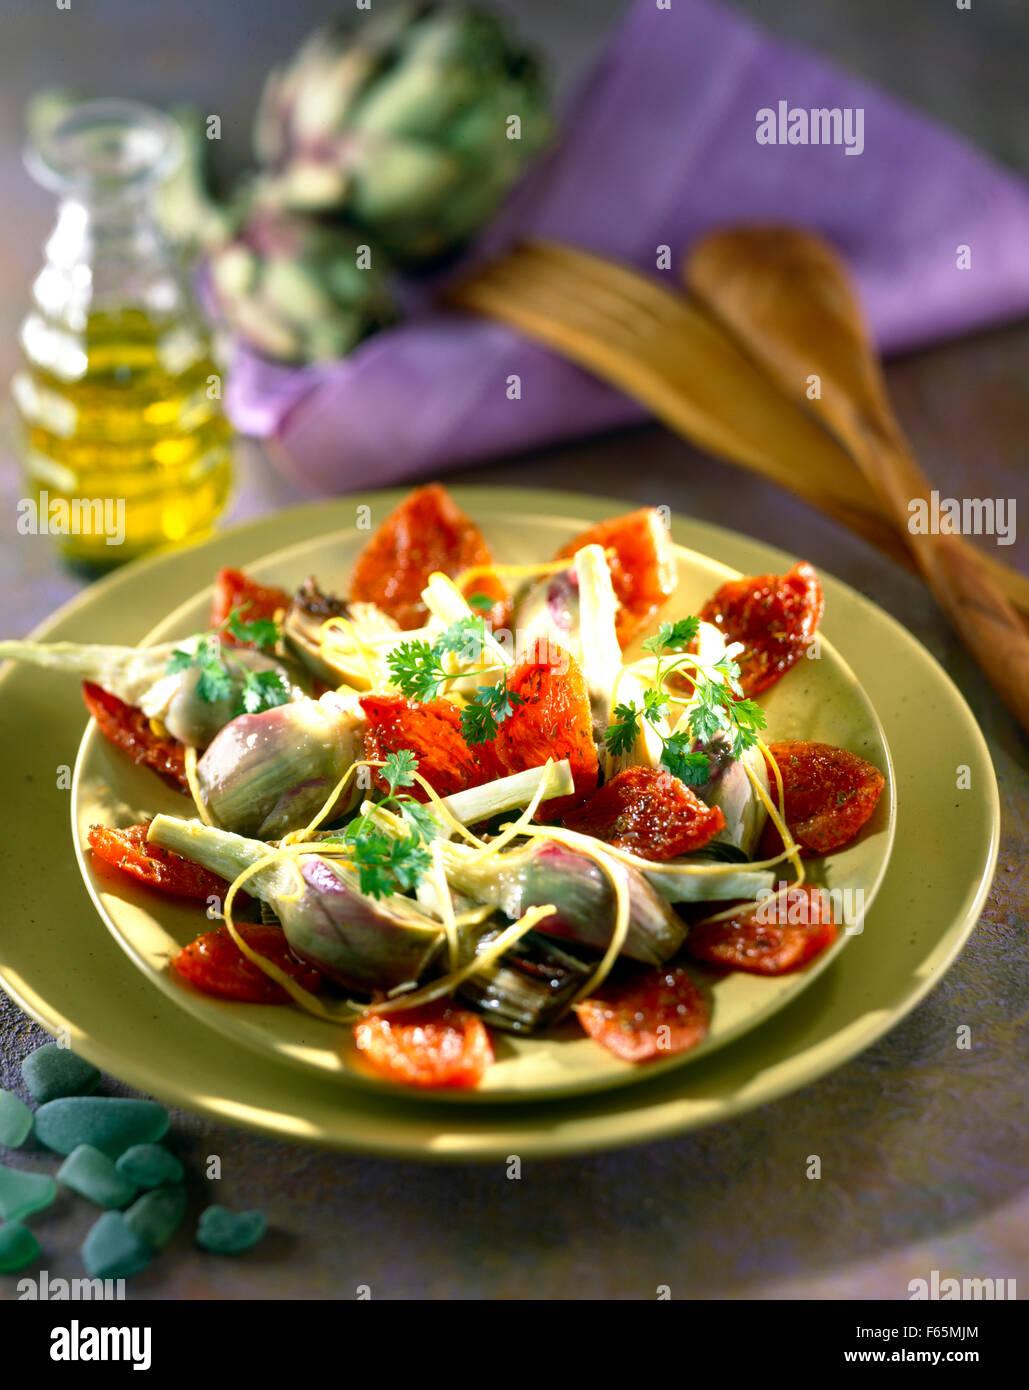 Artichauts violets et salade de tomates séchées au soleil Banque D'Images